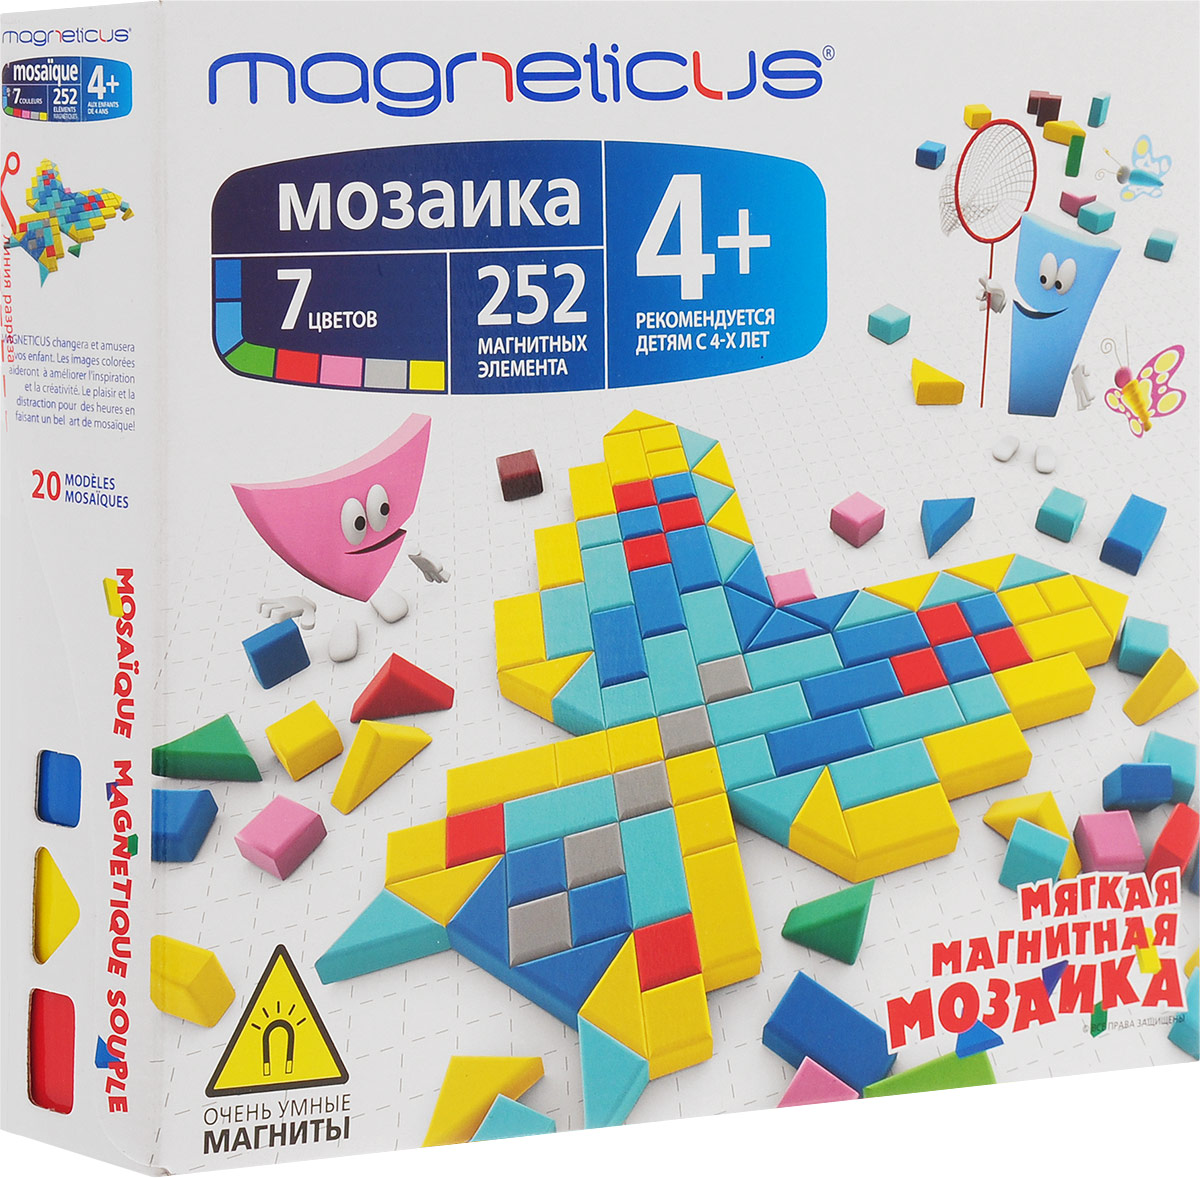 Magneticus Мозаика 20 этюдов магнитная мозаика magneticus mm 250 252 элемента 7 цветов 20 этюдов